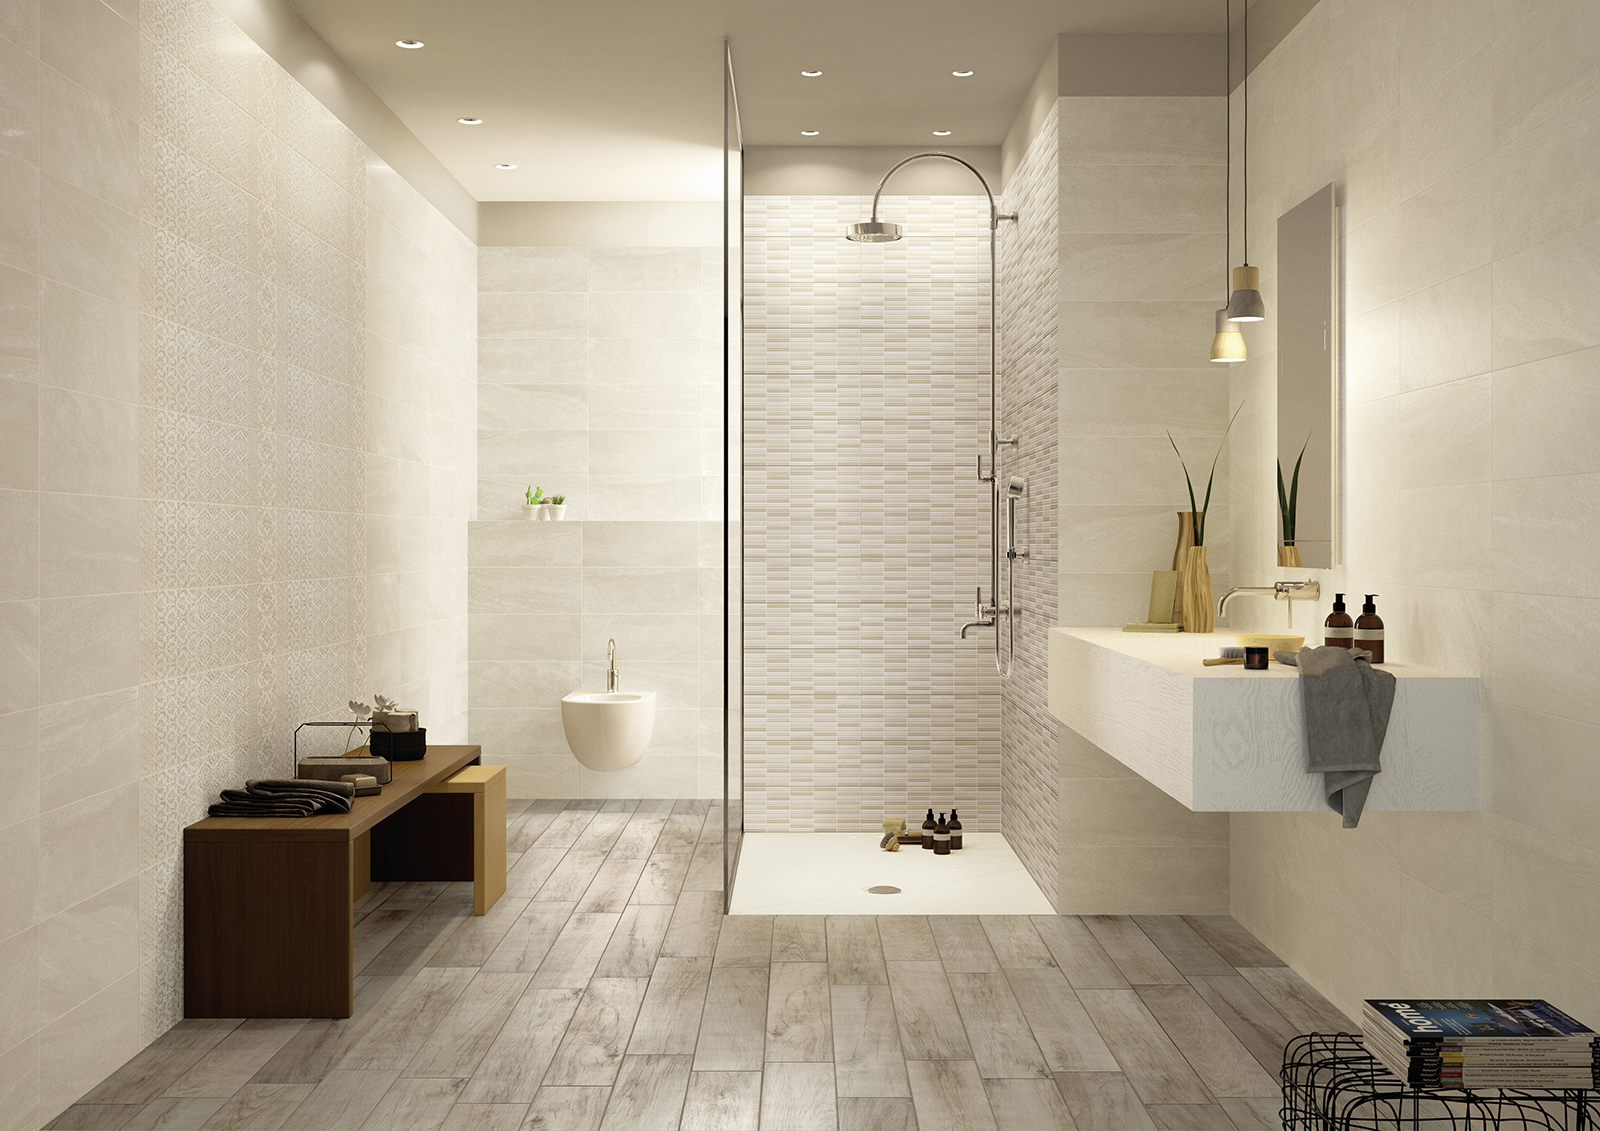 Interiors rivestimento bagno e cucina marazzi - Ragno rivestimenti bagno ...